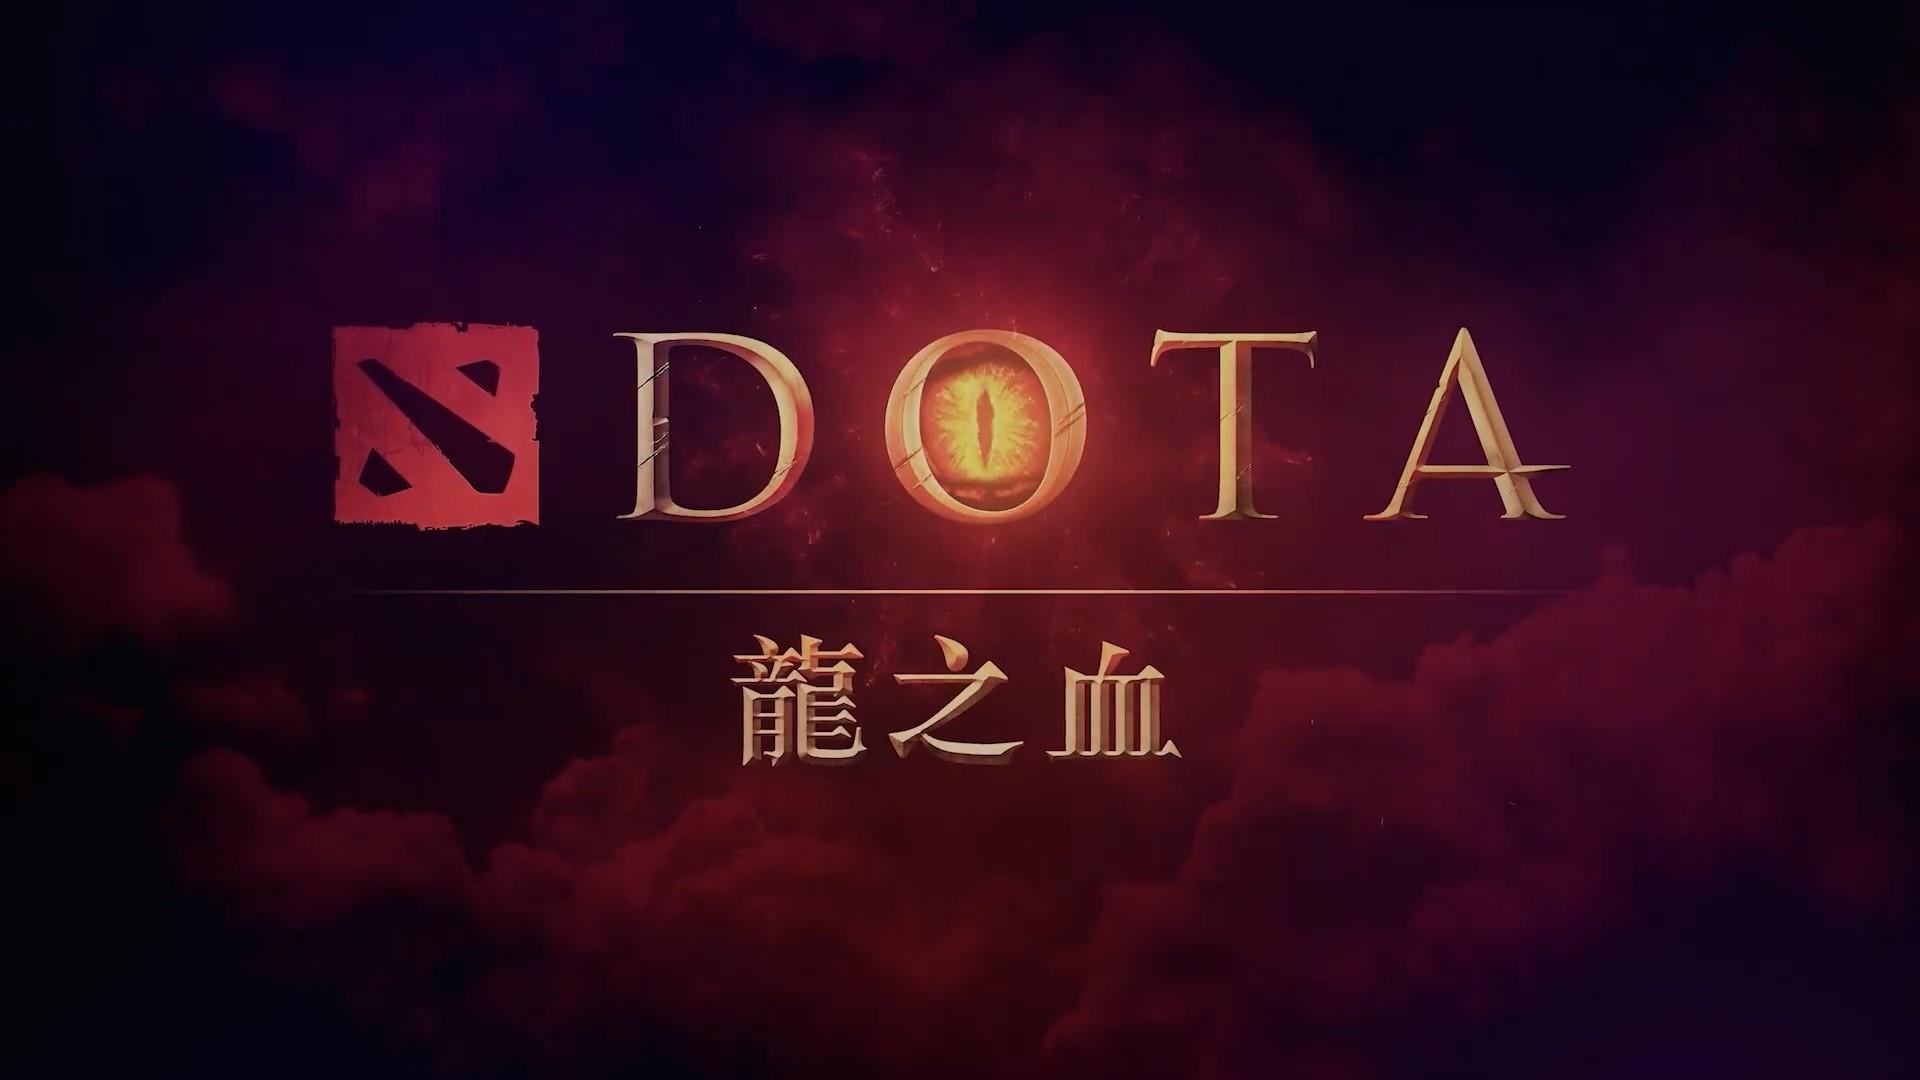 【动漫情报】DOTA动画化,动画《DOTA:龙之血》3月25日Netflix播出,中文预告公开